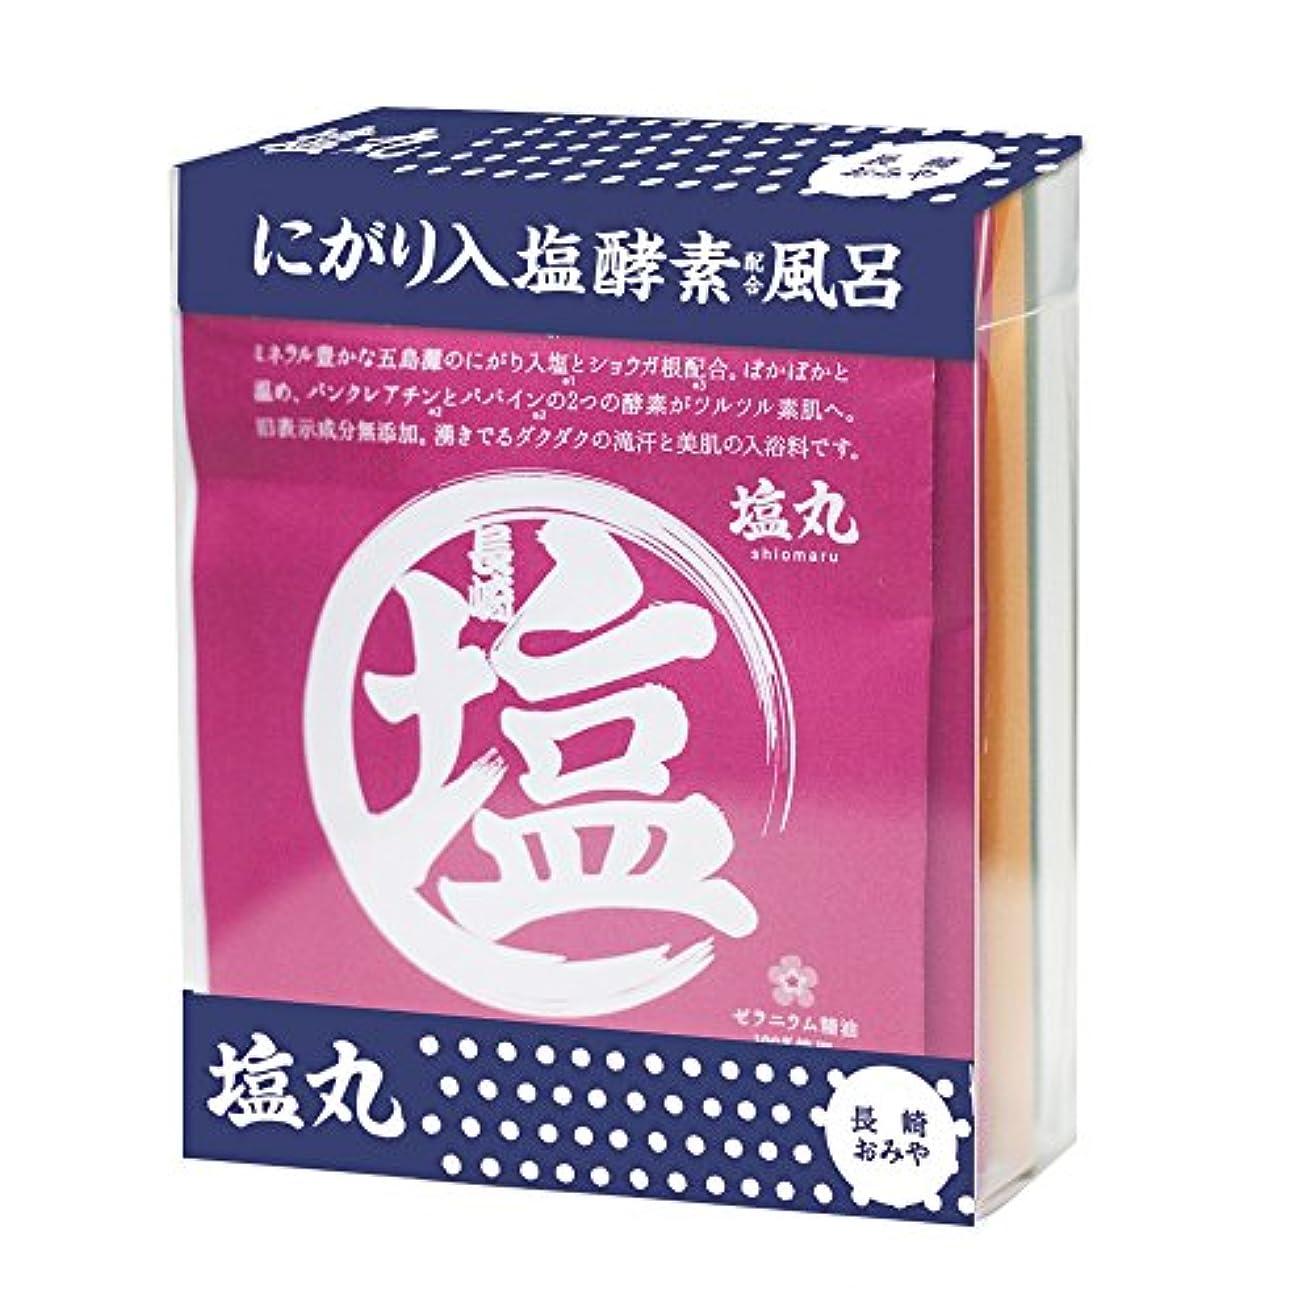 確かにアラート粘液(塩丸)長崎産にがり入海塩入浴剤/5種アソートセット(40g×5包)合成香料?合成着色料?保存料不使用